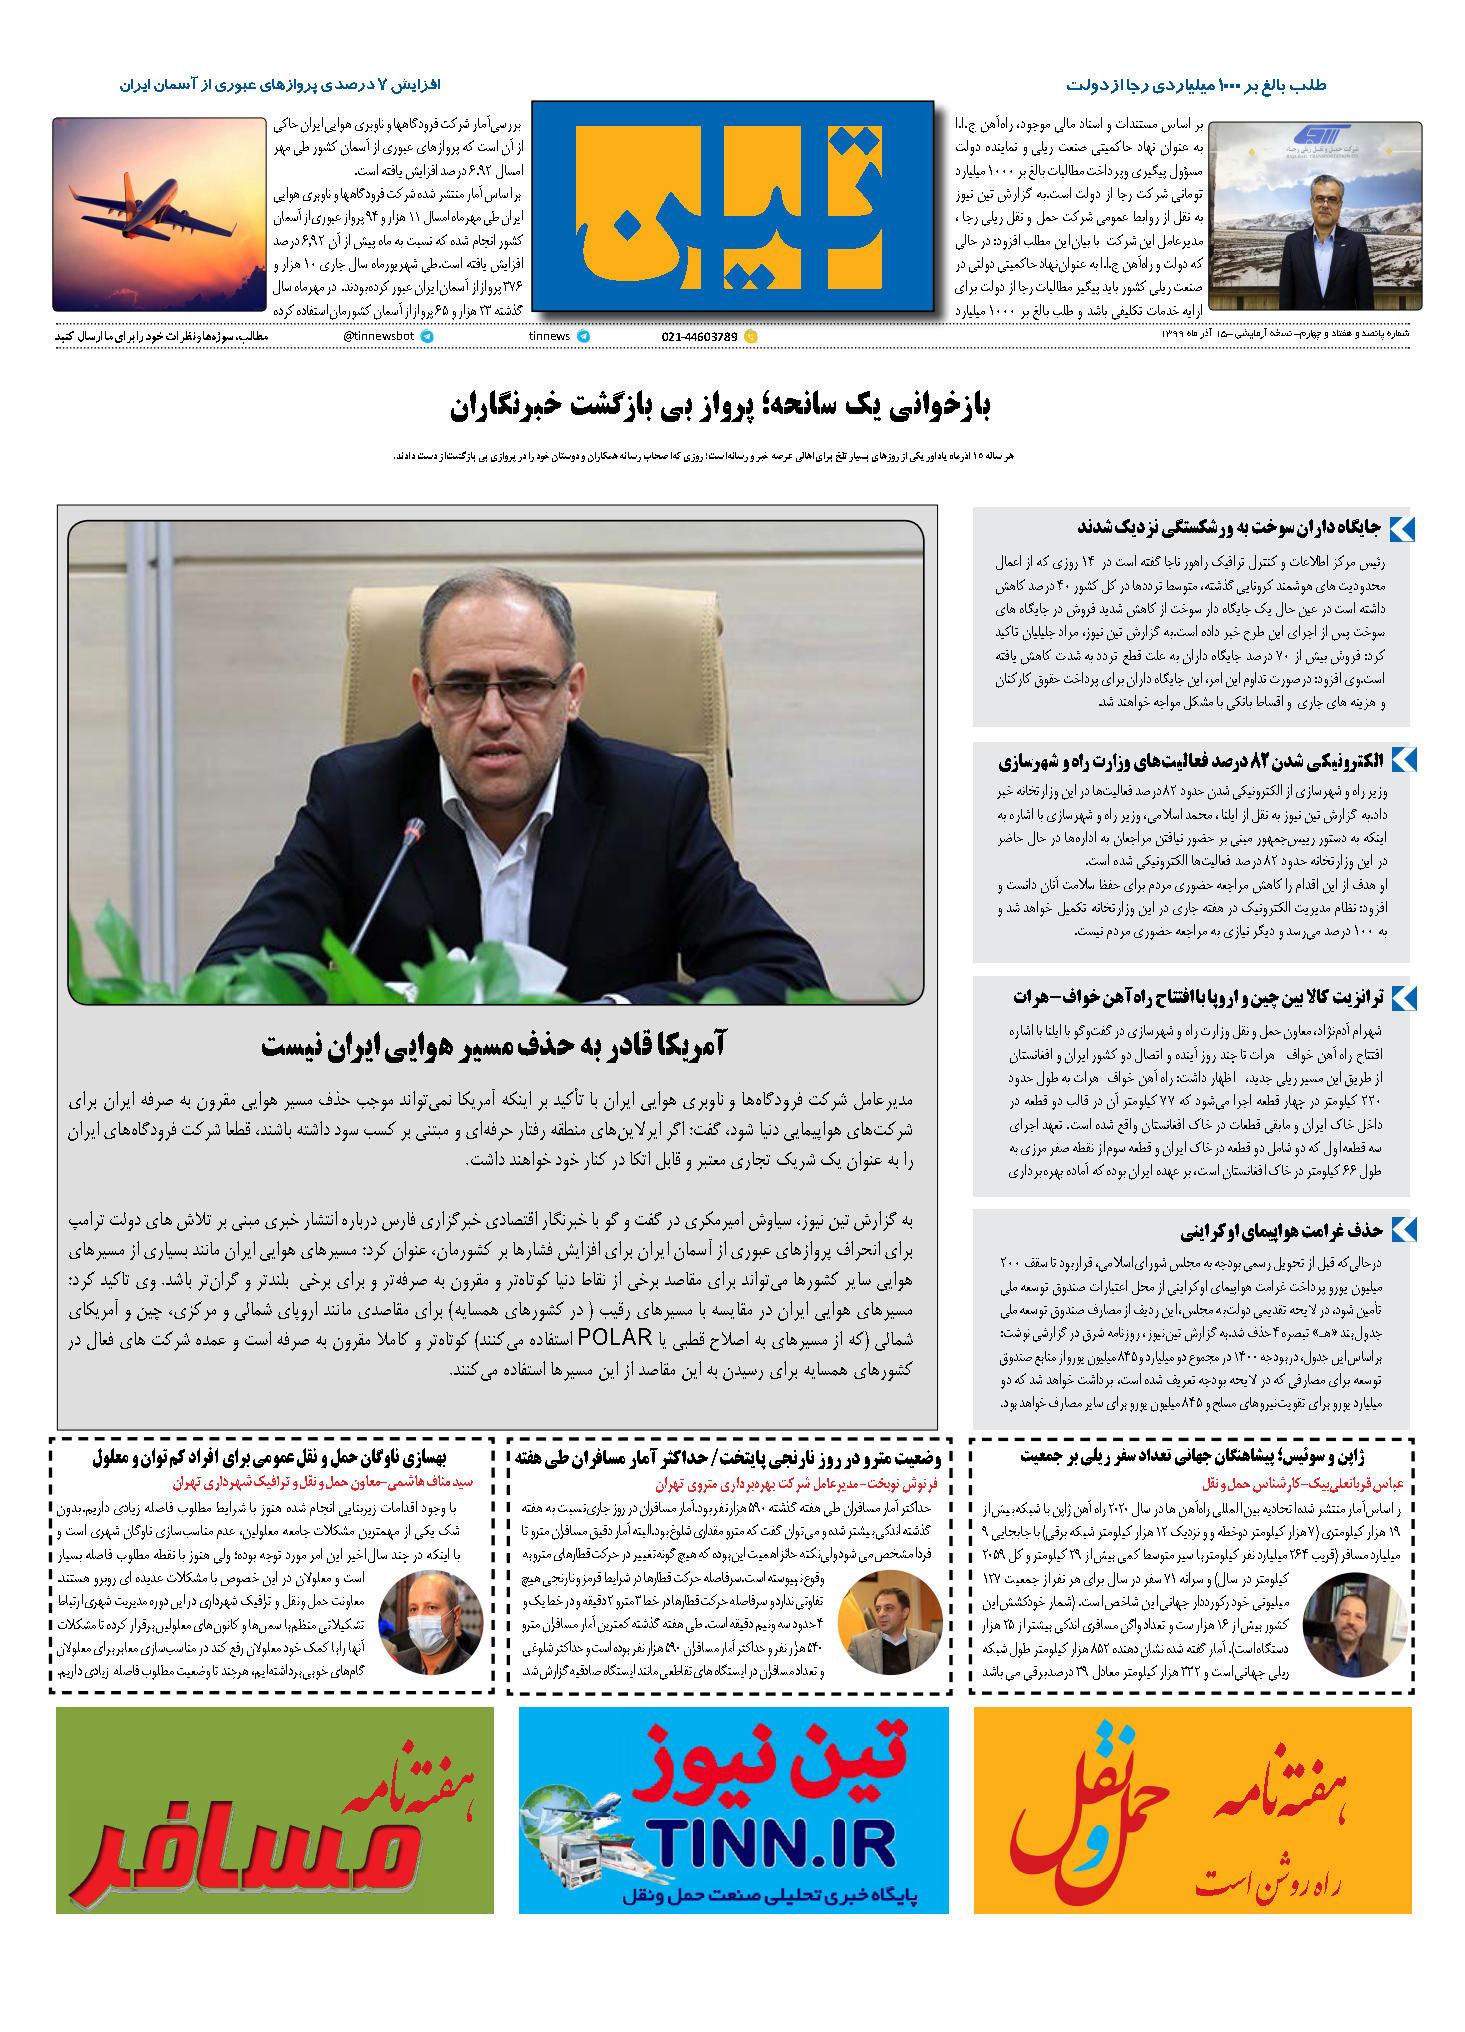 روزنامه الکترونیک 15 آذر ماه 99